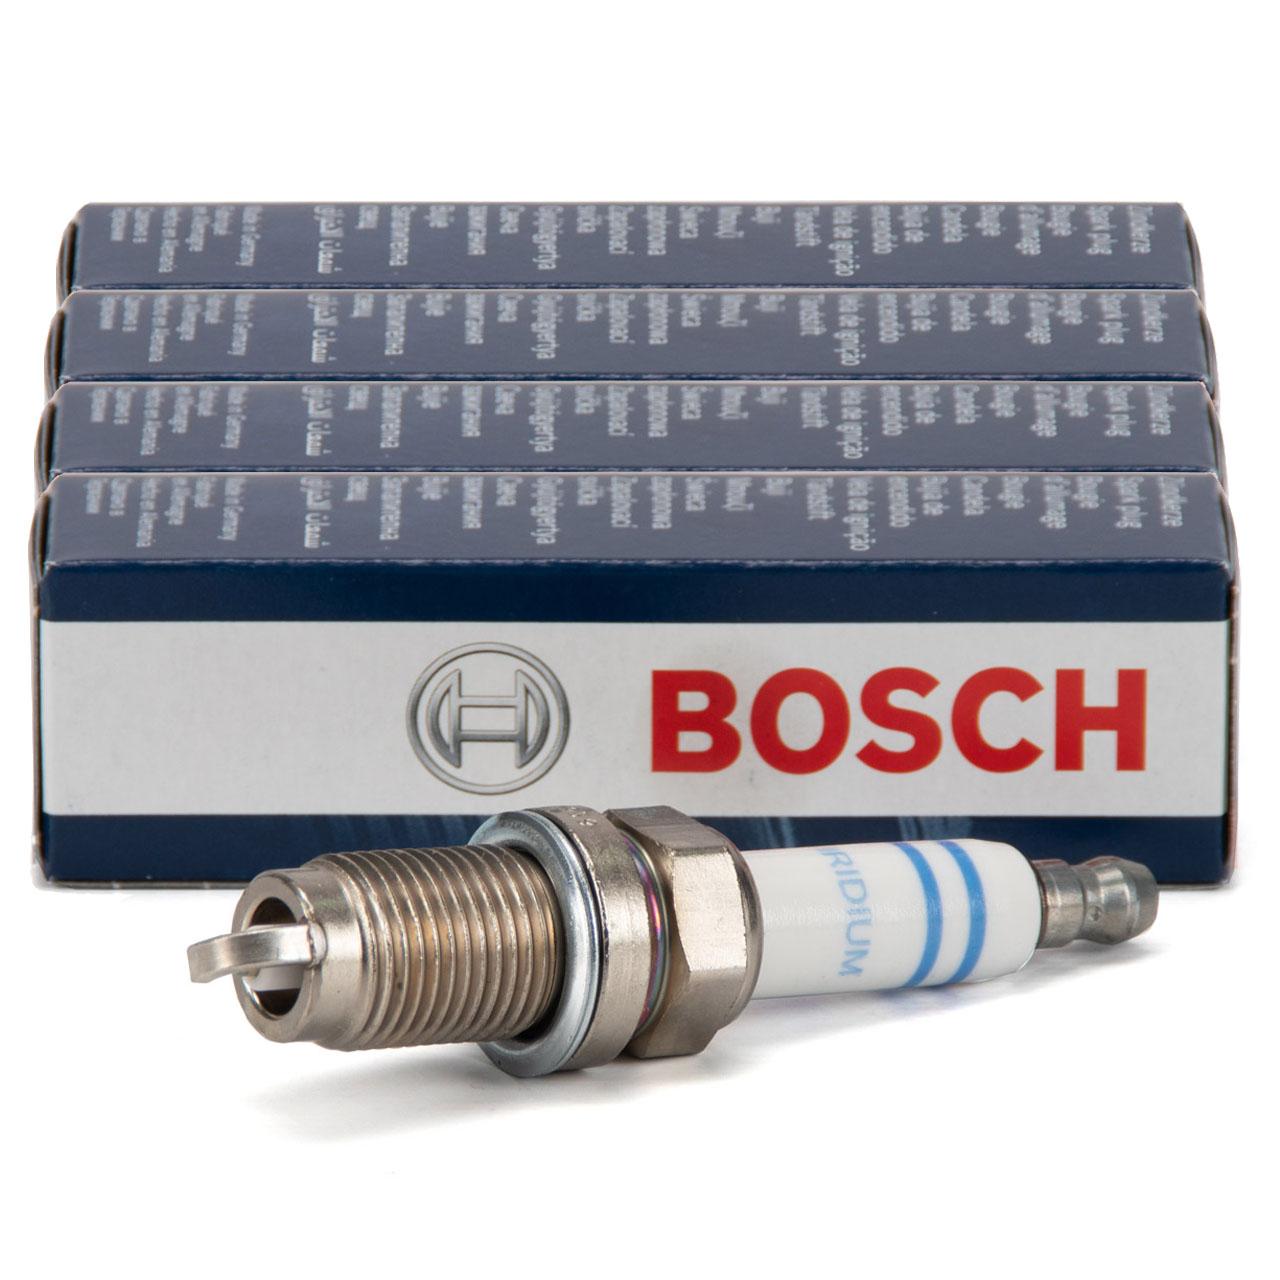 4x BOSCH FR6HI332 0242240665 Zündkerze AUDI A1 8X A3 8P VW Golf 6 Polo 1.2/1.4 TSI